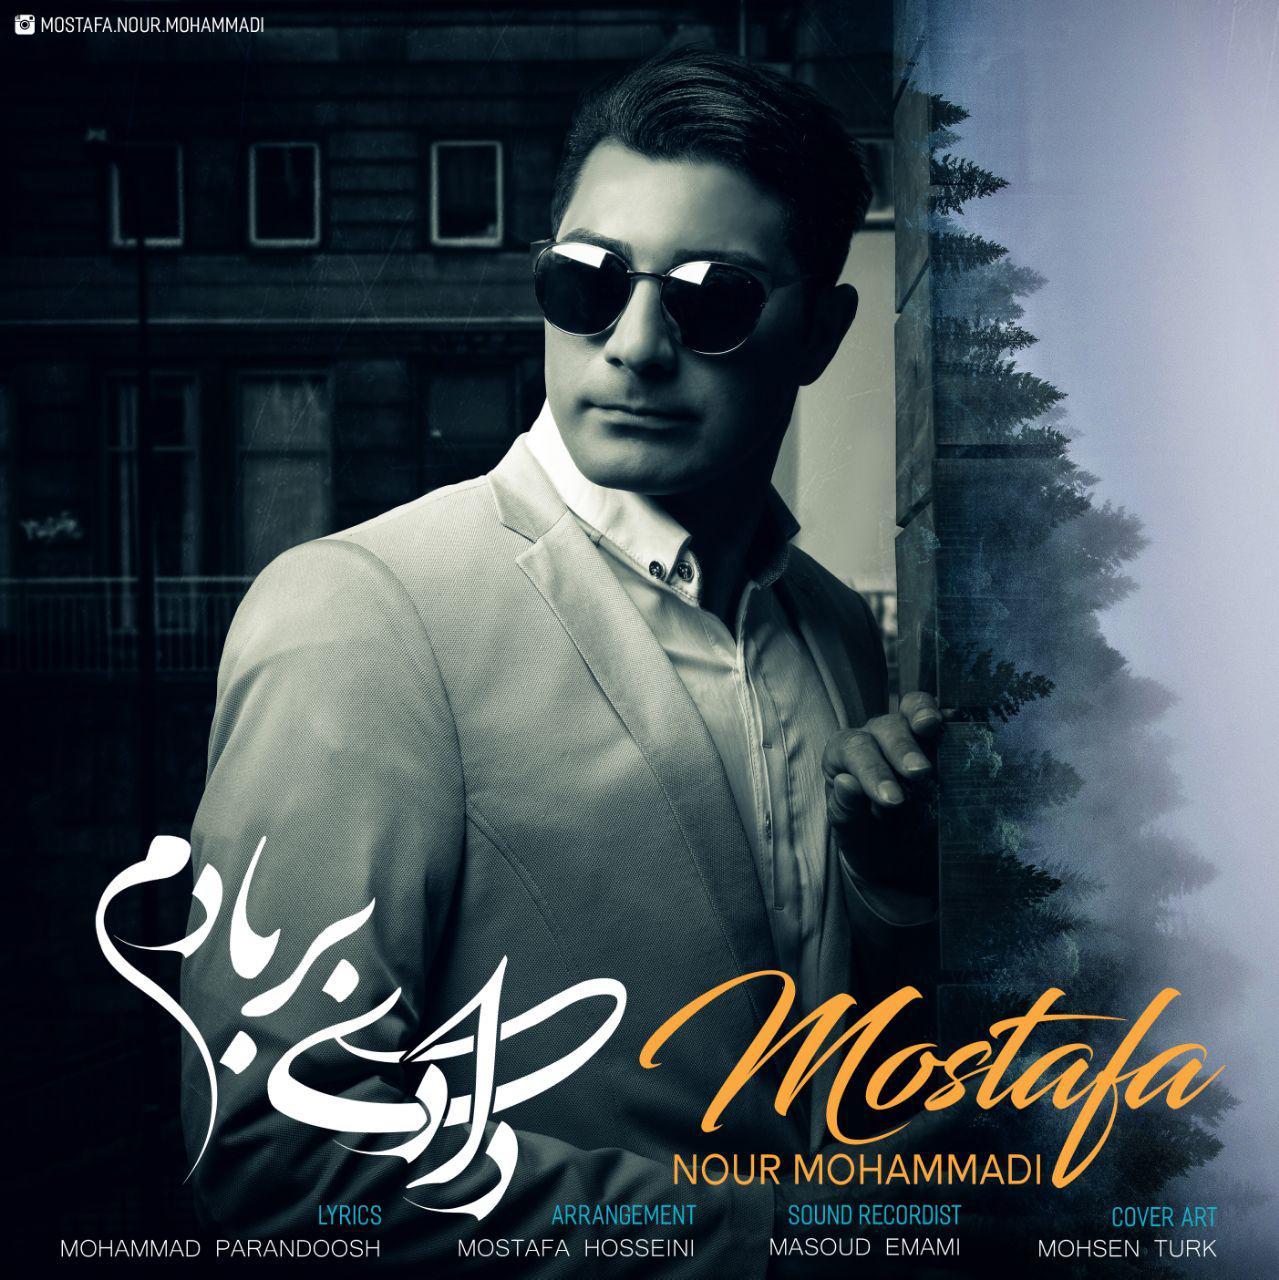 مصطفی نورمحمدی به نام دادی بر بادم